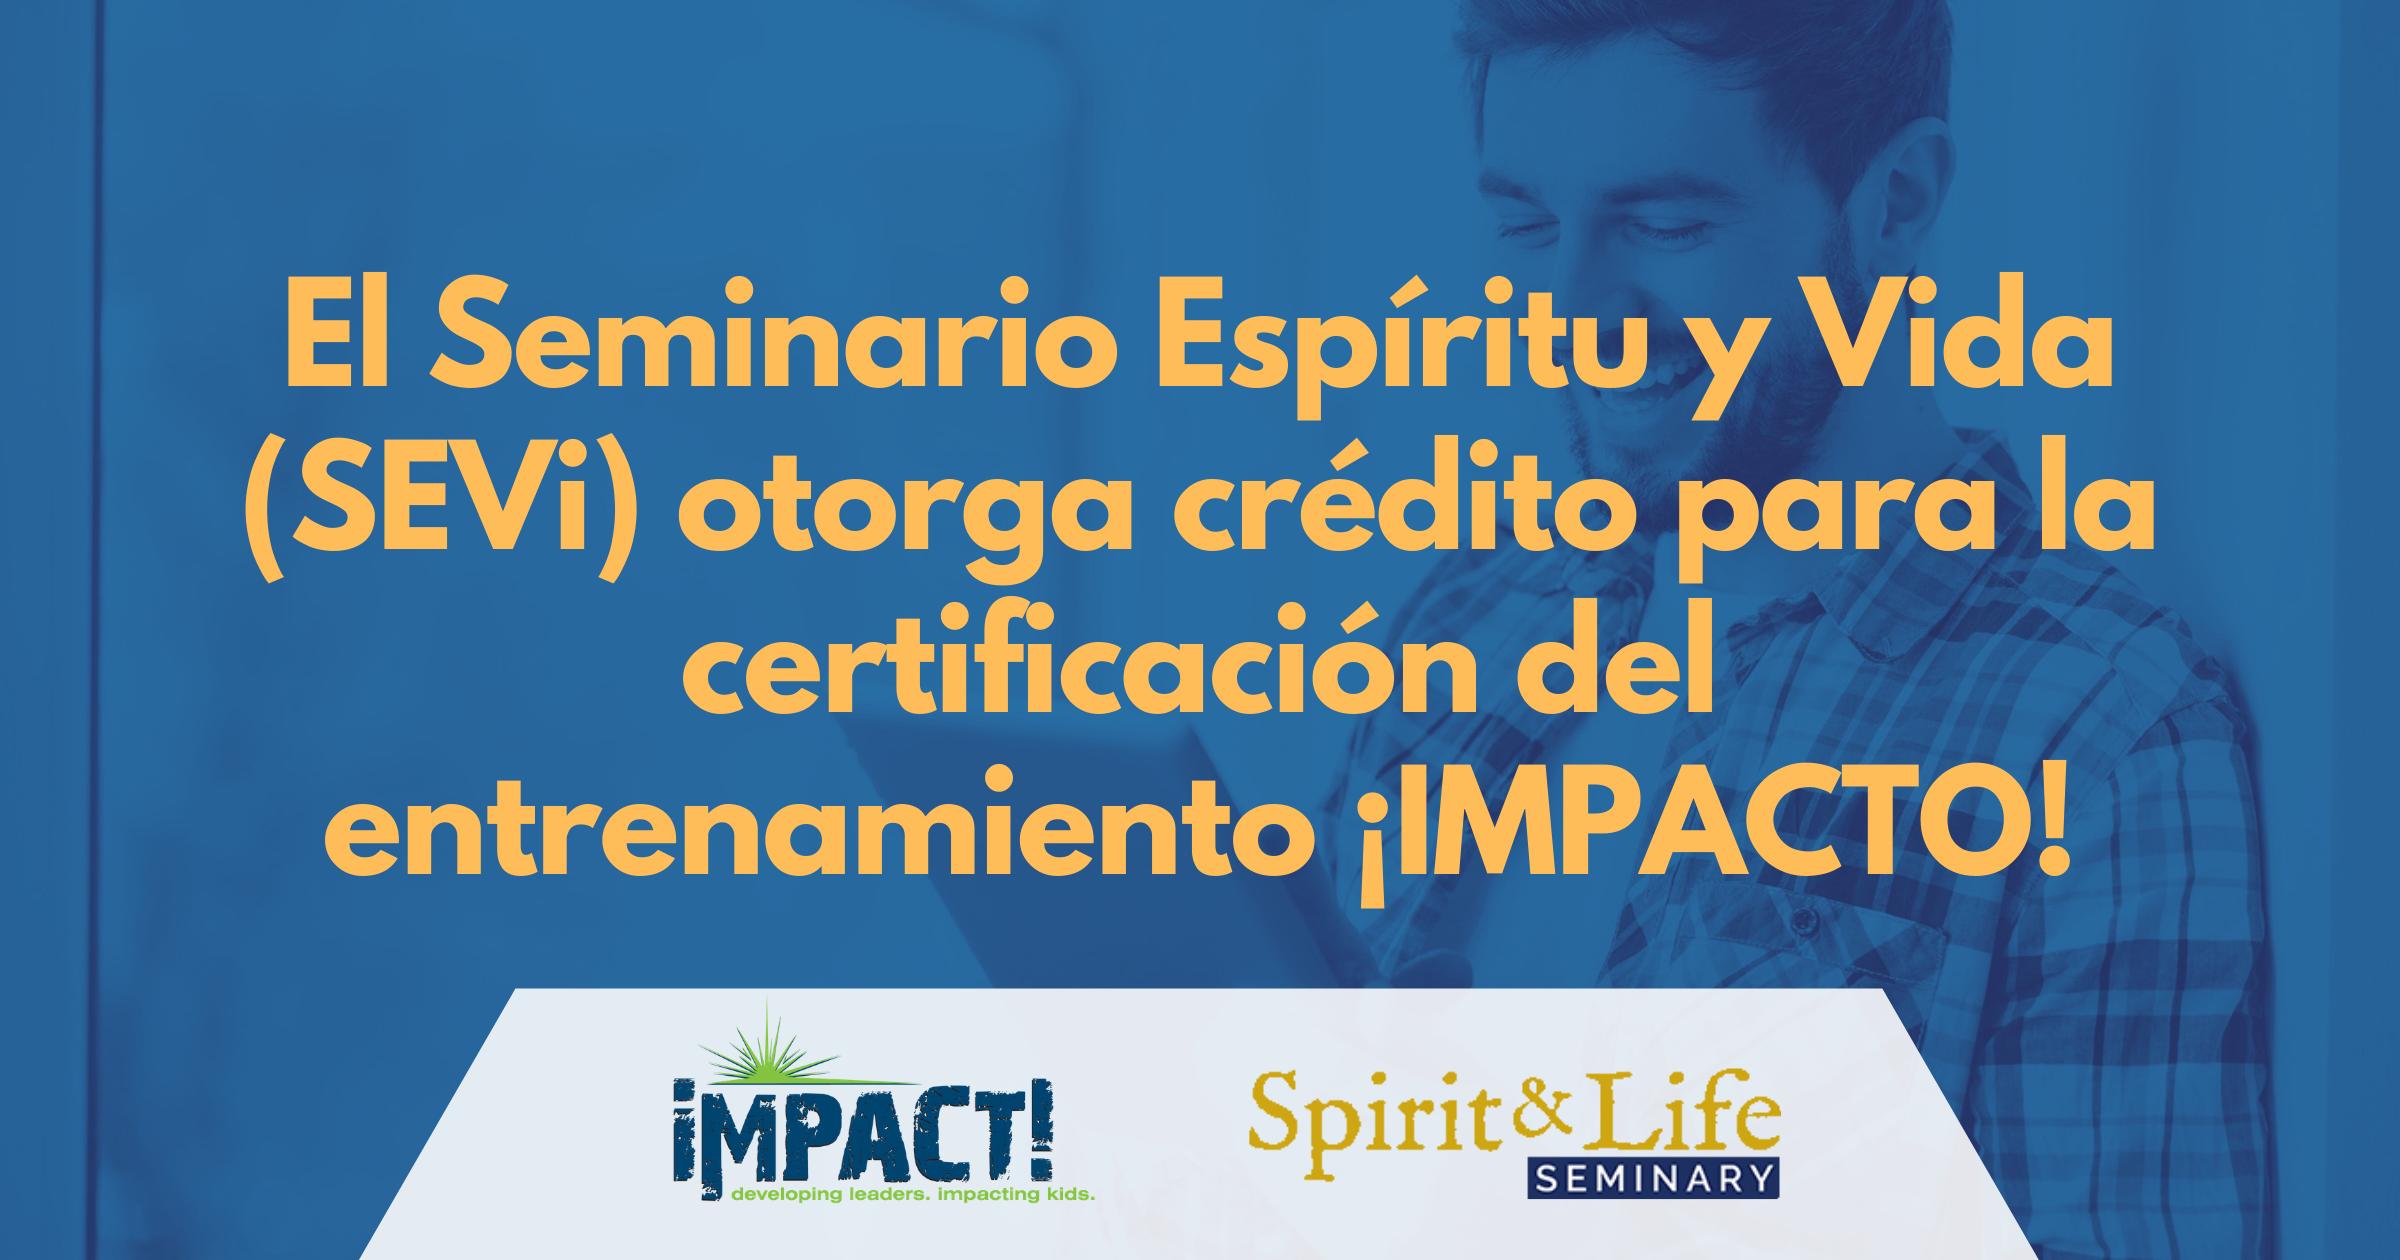 El Seminario Espíritu y Vida (SEVi) otorga crédito para la certificación del entrenamiento ¡IMPACTO!